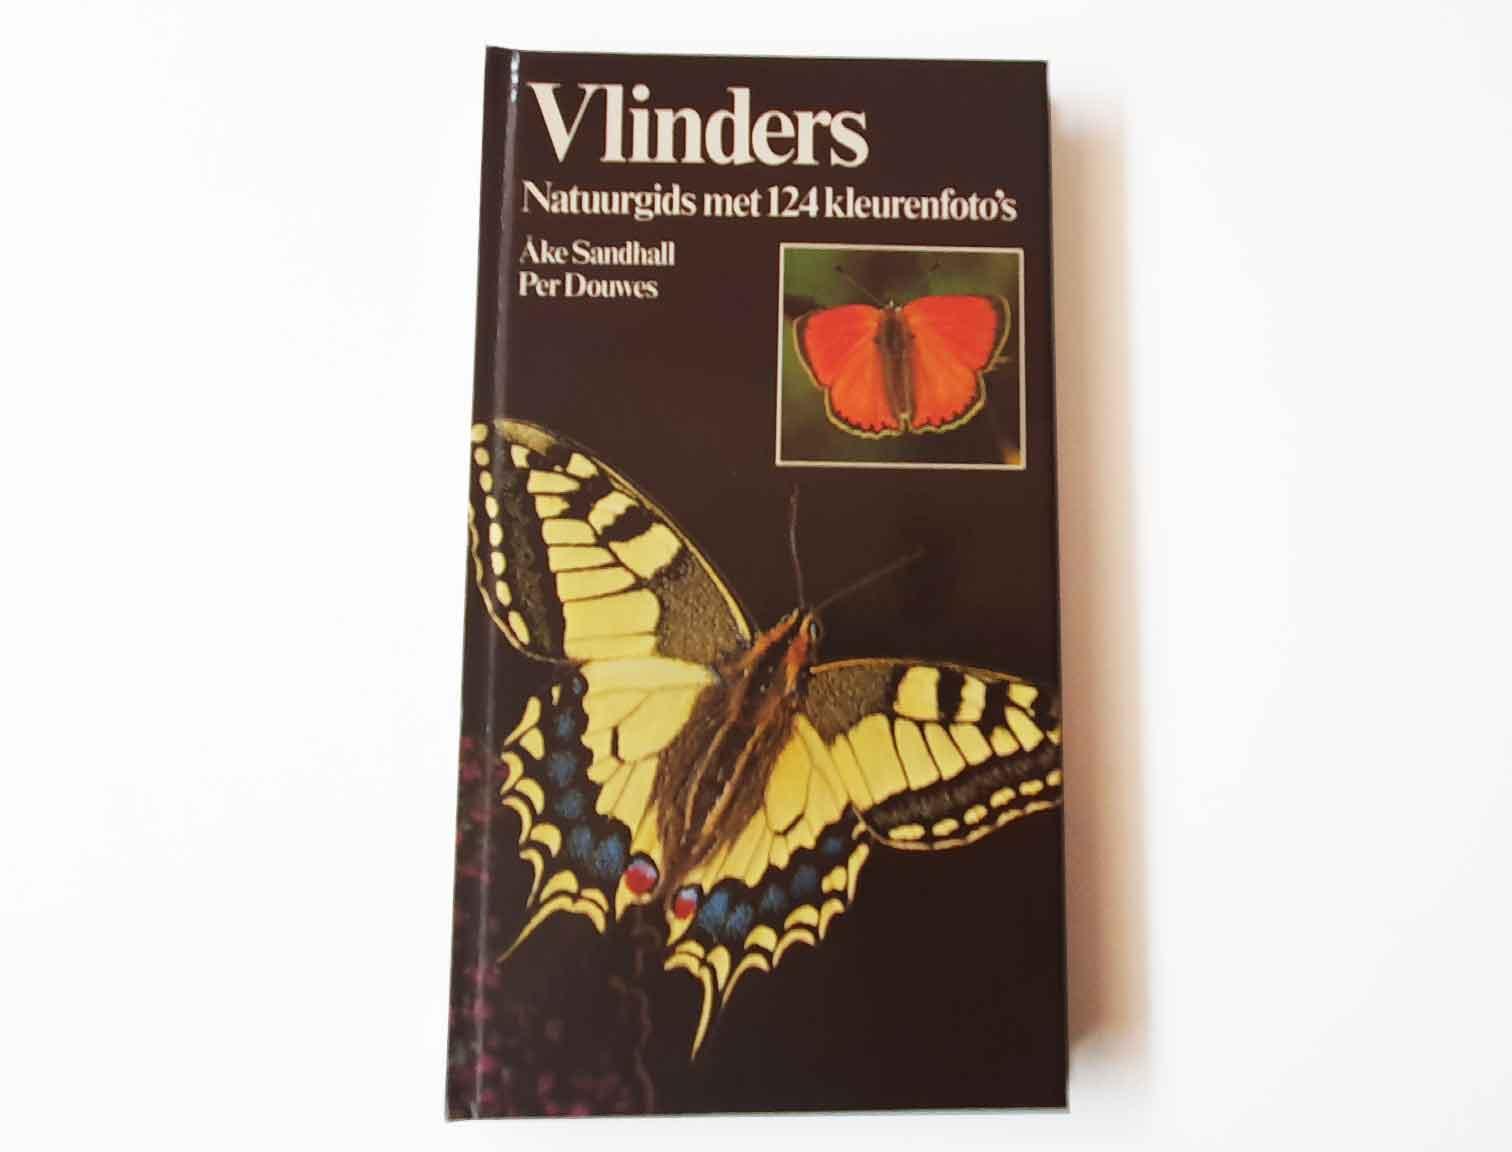 vlinders-natuurgids